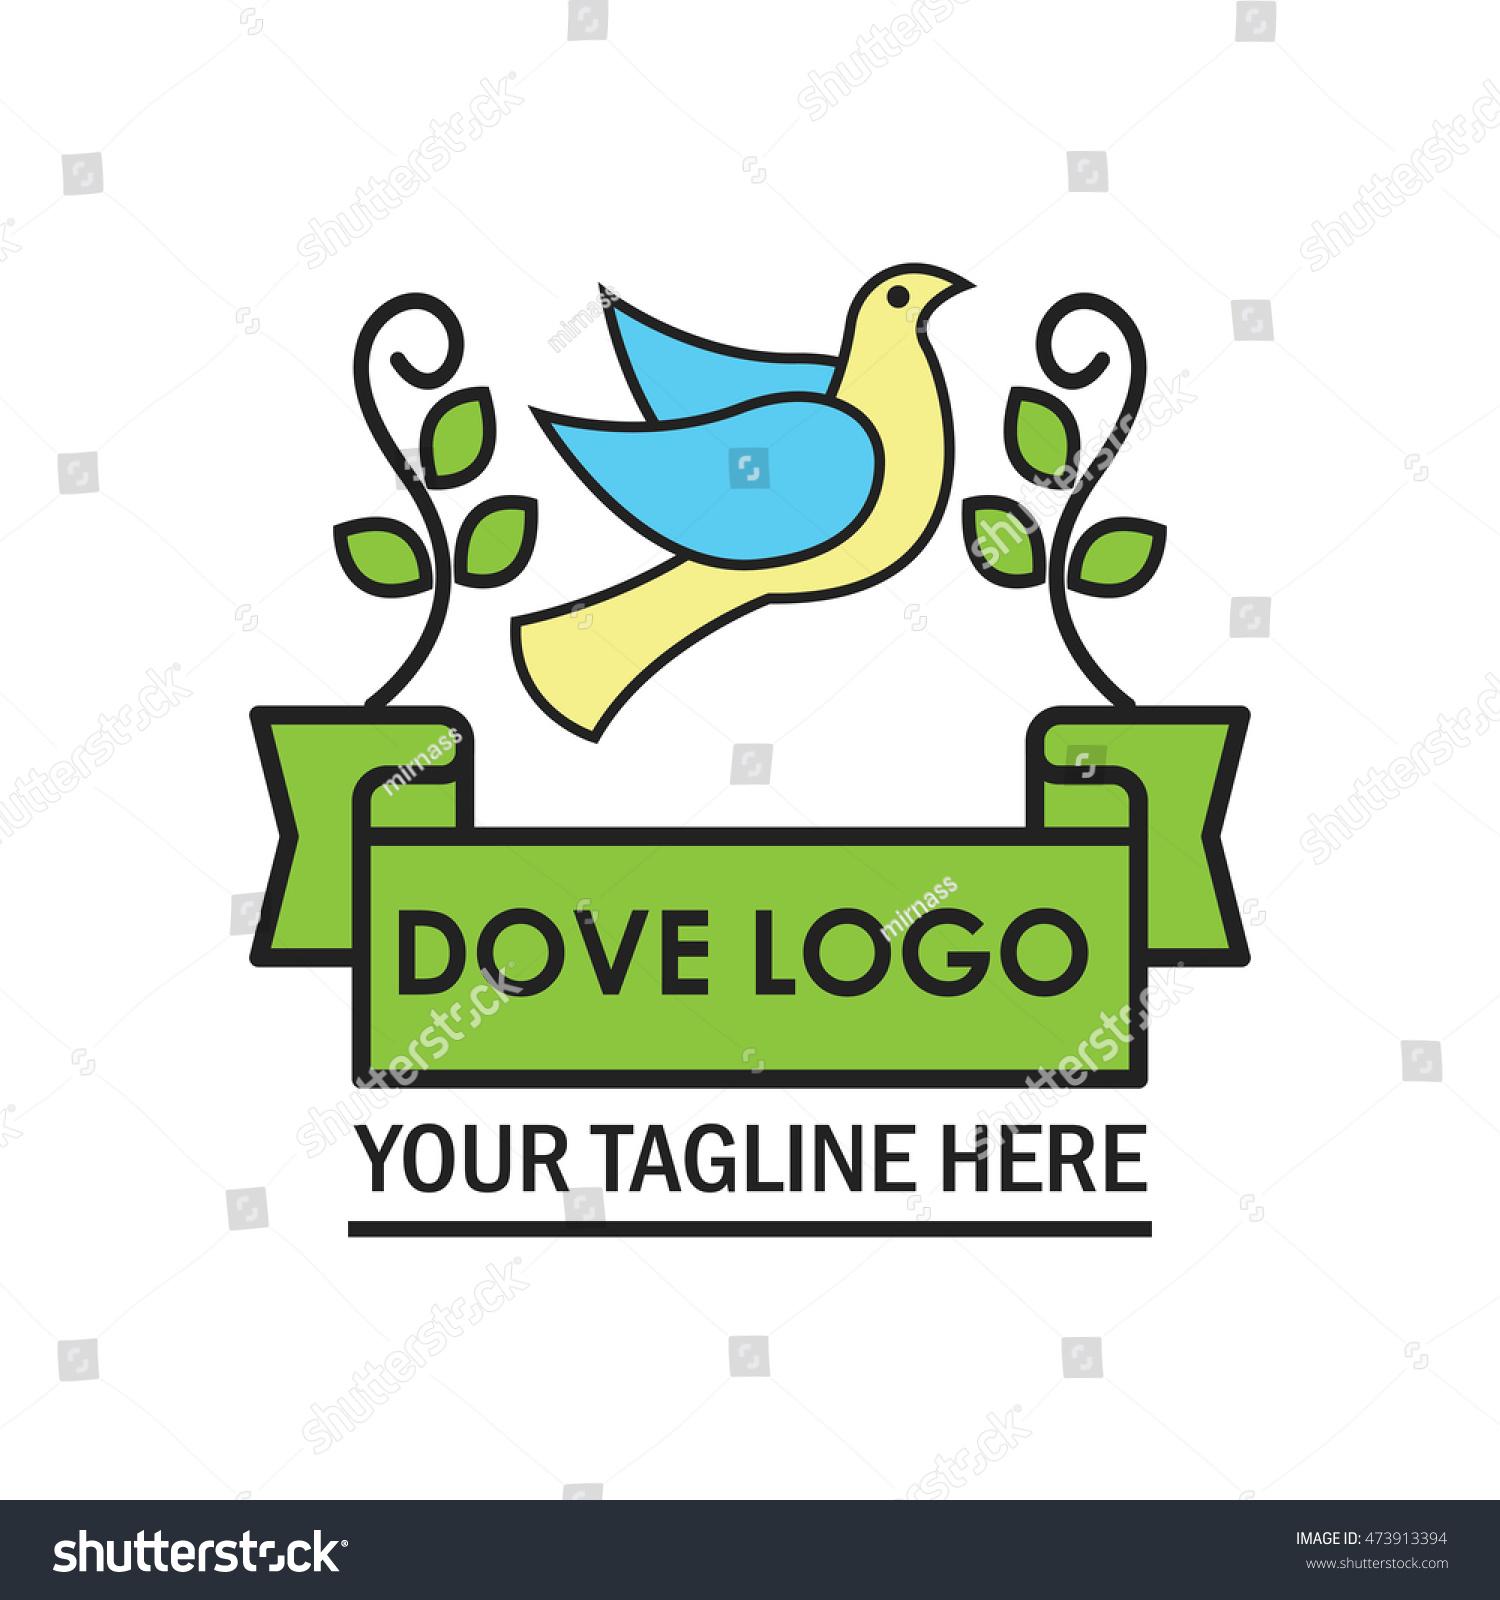 peace dove logo design template stock vector royalty free